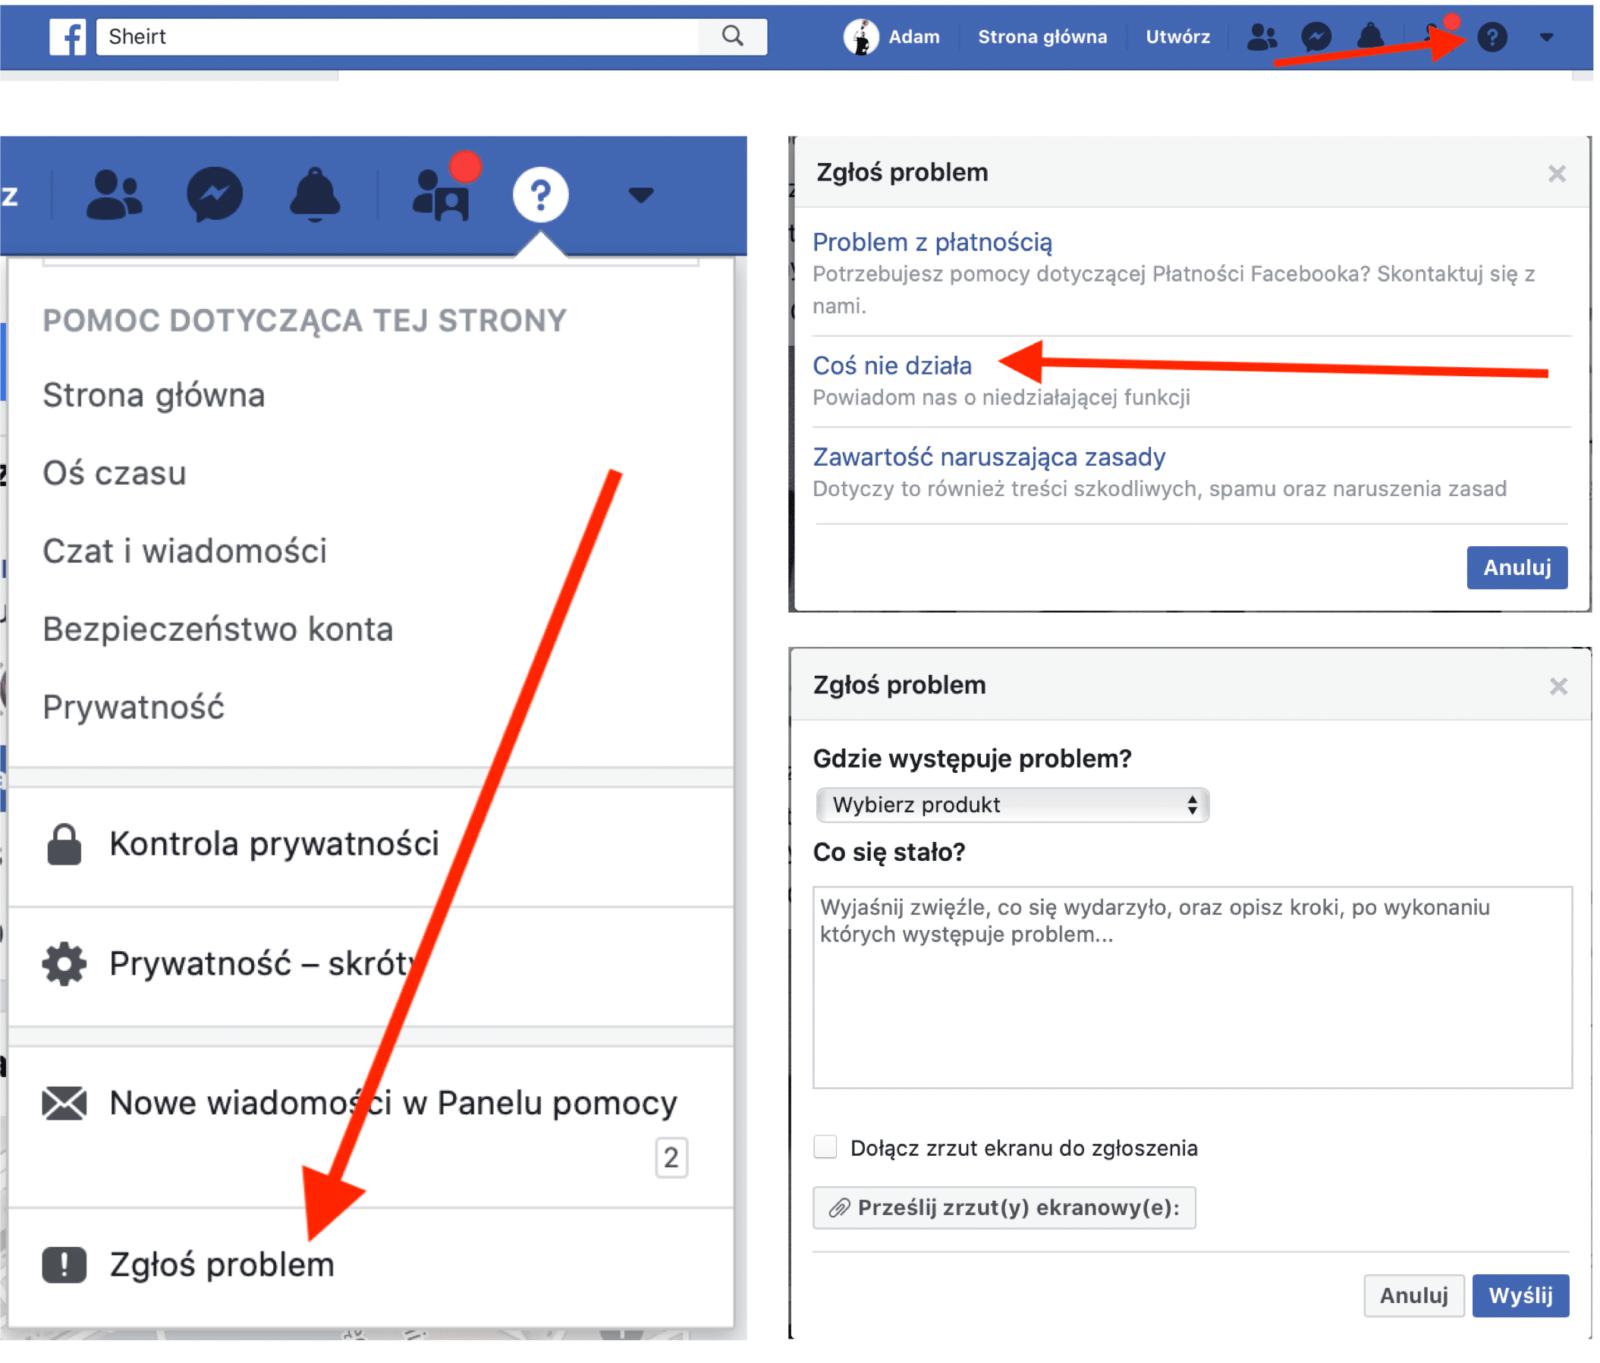 Instrukcja krok po kroku w jaki sposób skontaktować się z Facebookiem poprzez funkcję Zgłoś Problem